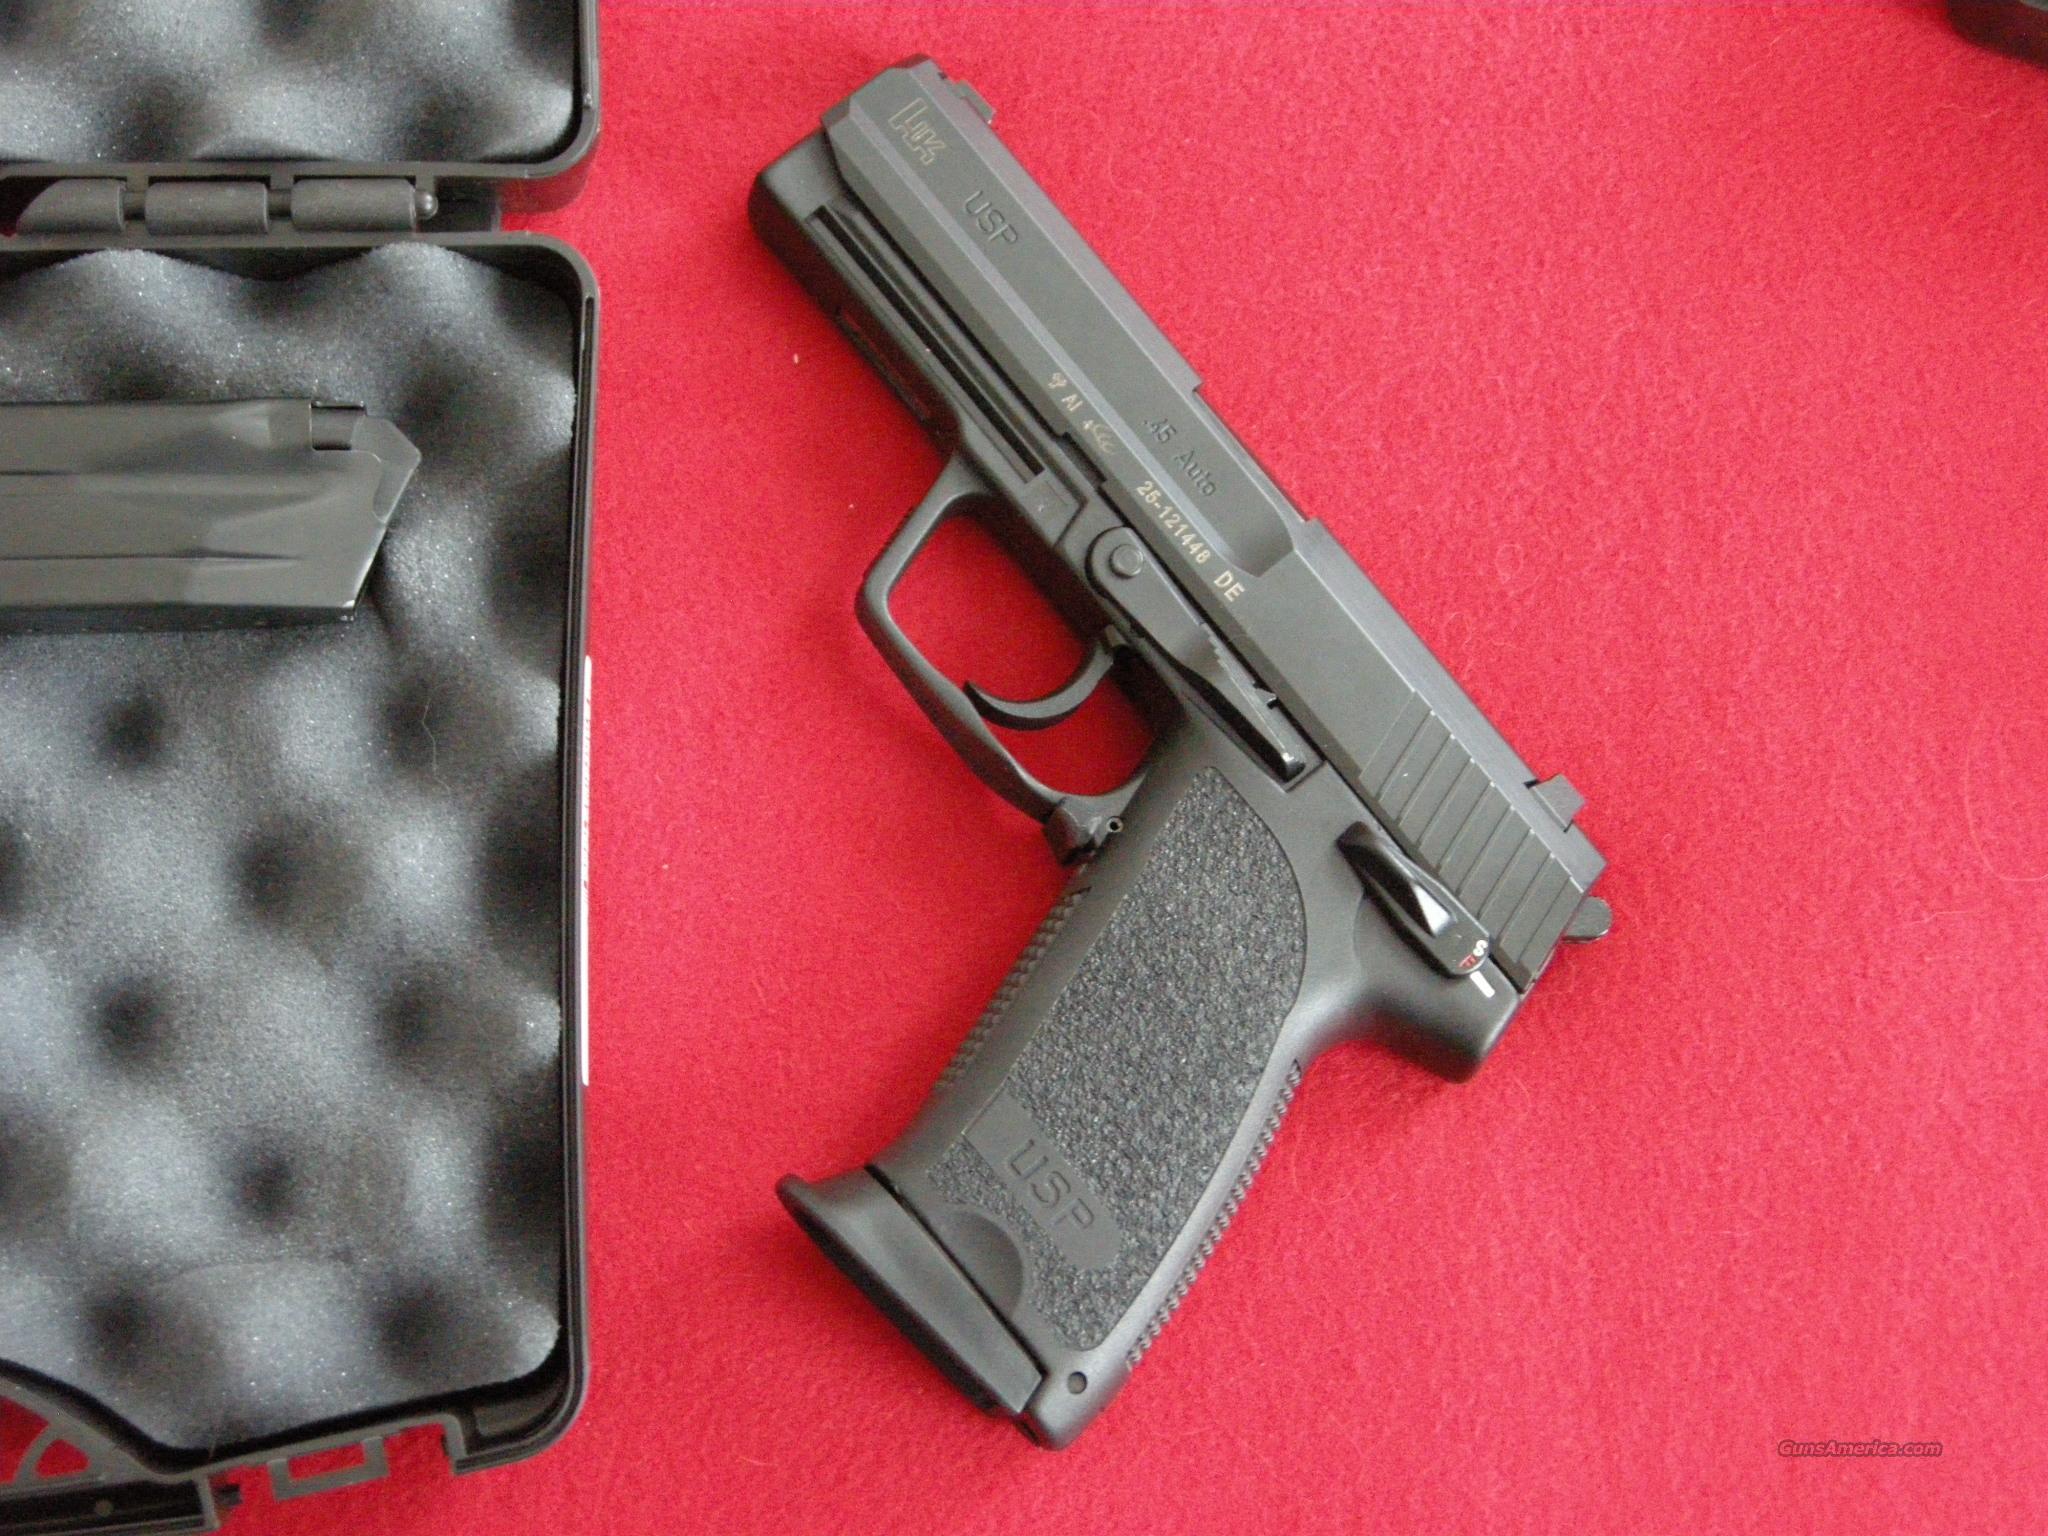 Heckler & Koch USP45  Guns > Pistols > Heckler & Koch Pistols > Polymer Frame